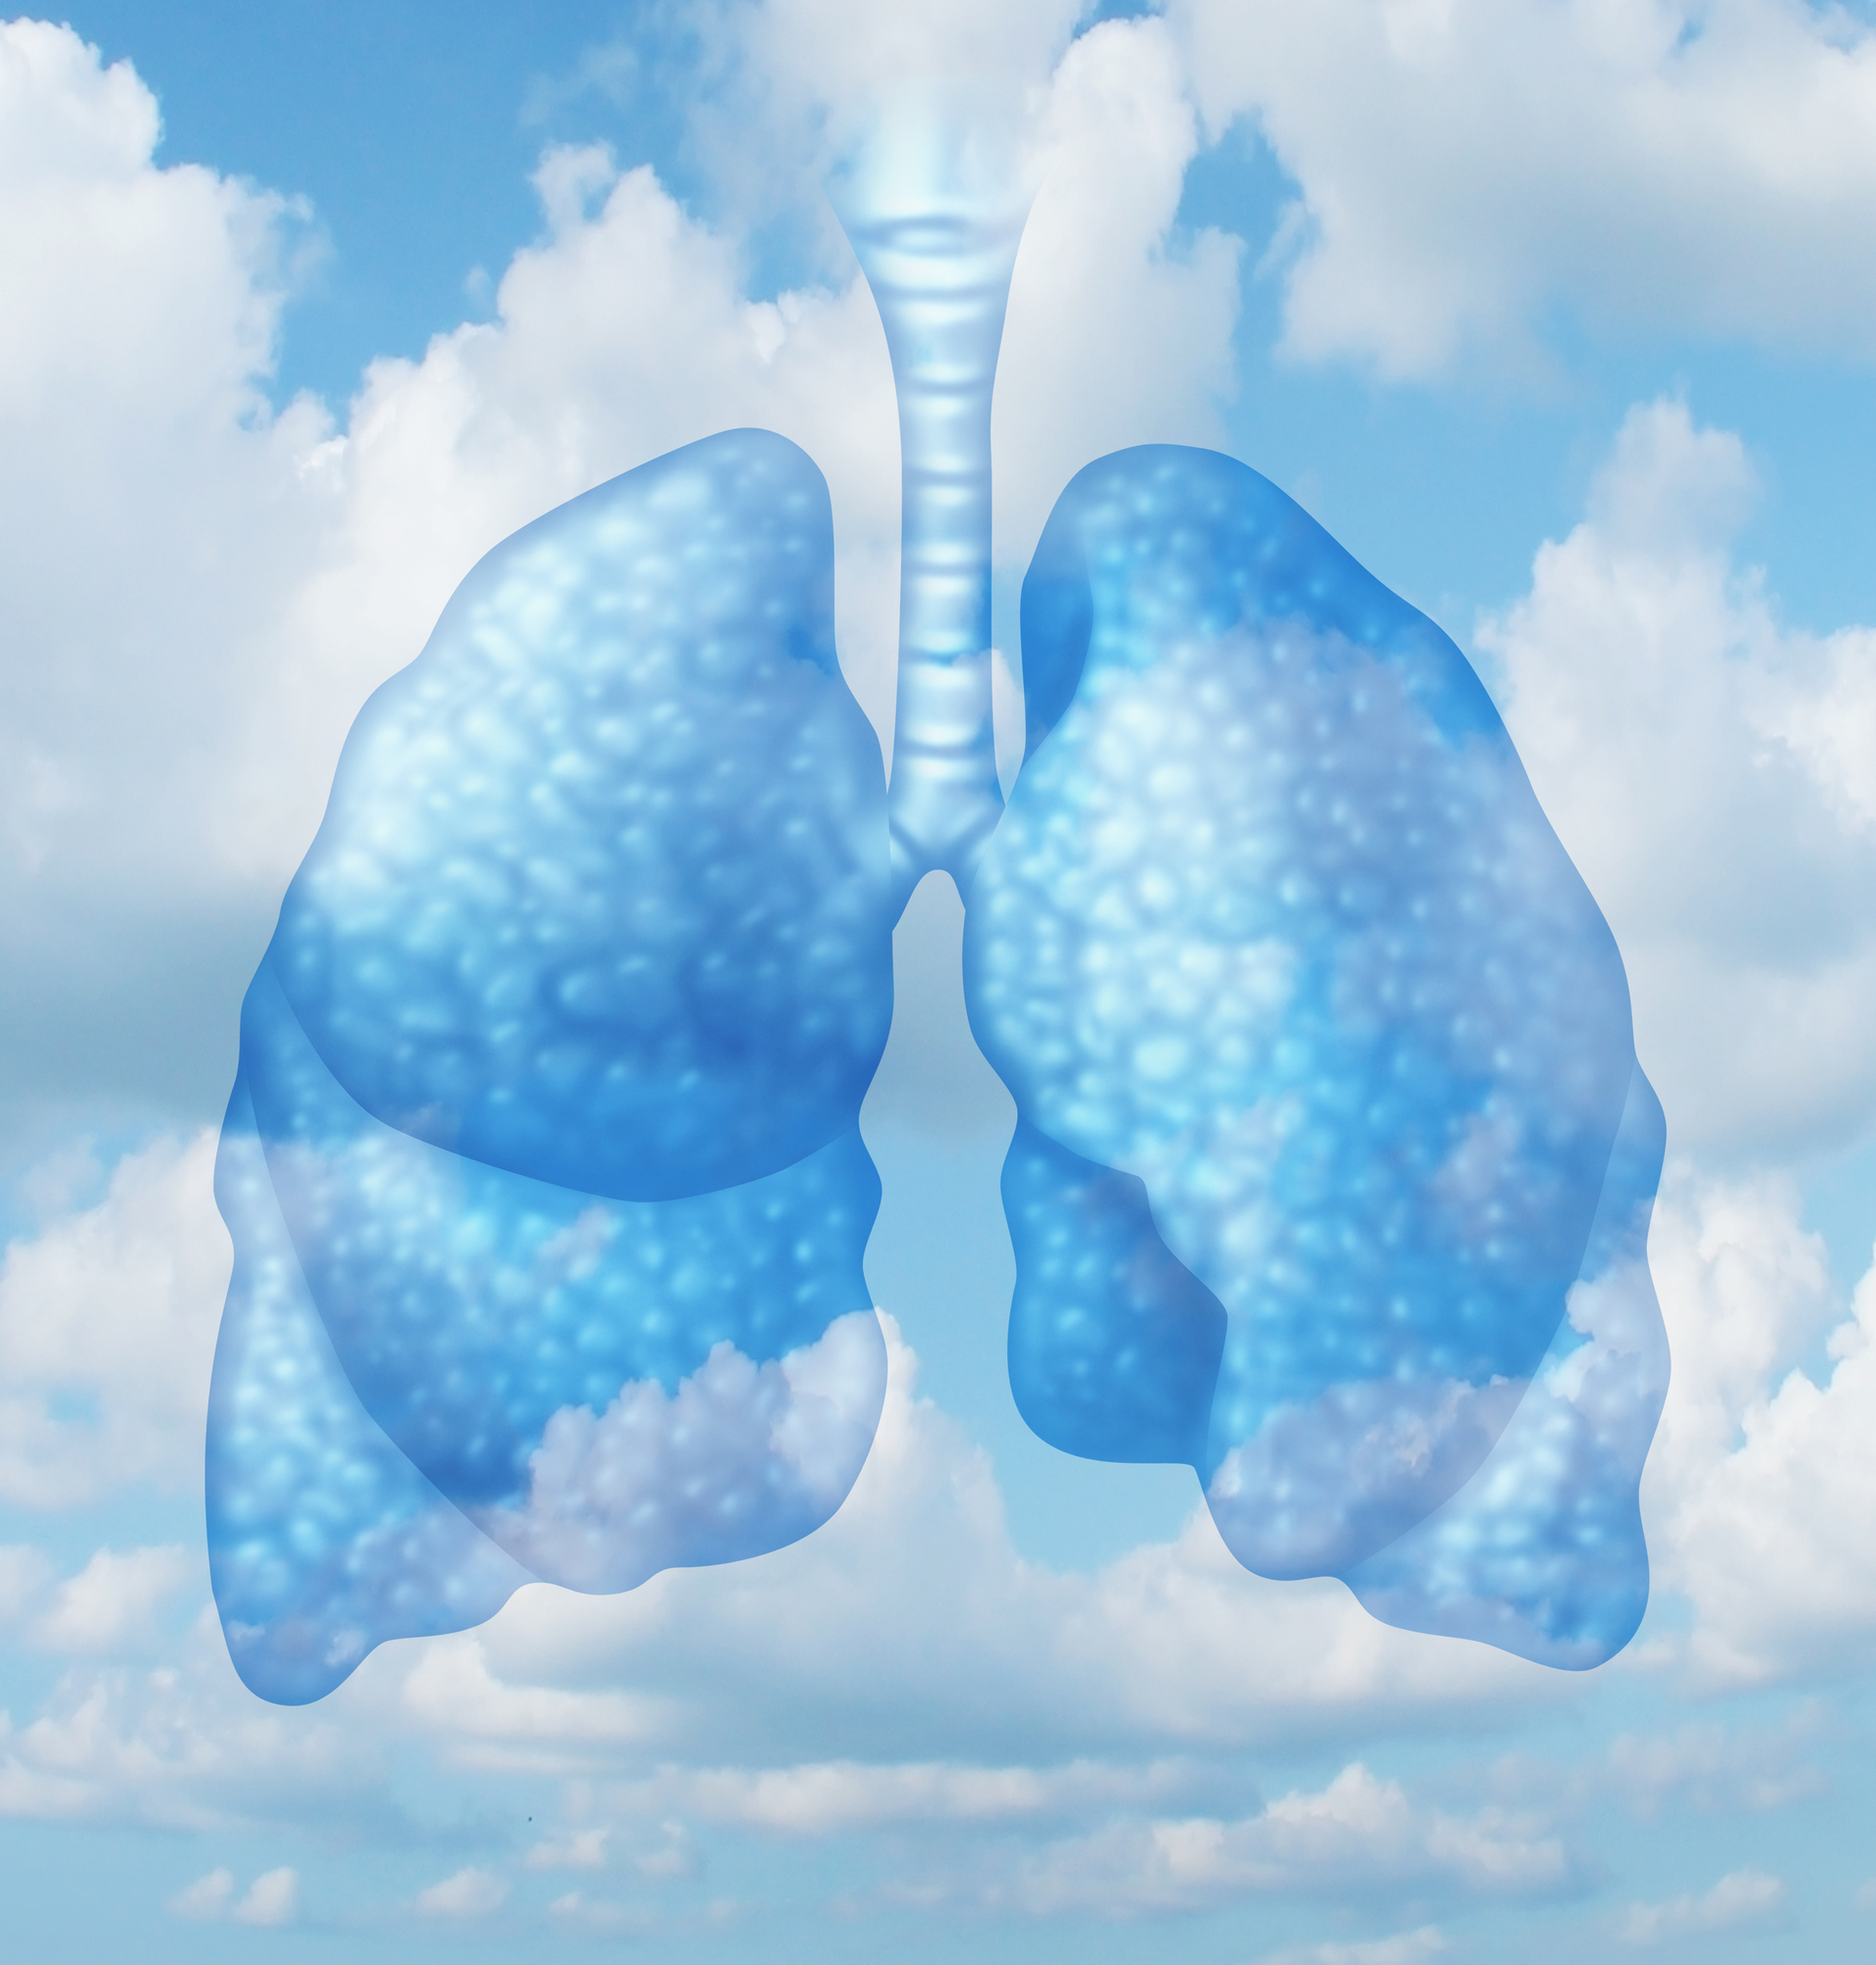 Помогают ли увлажнители обеззараживать воздух - ответ Комаровского